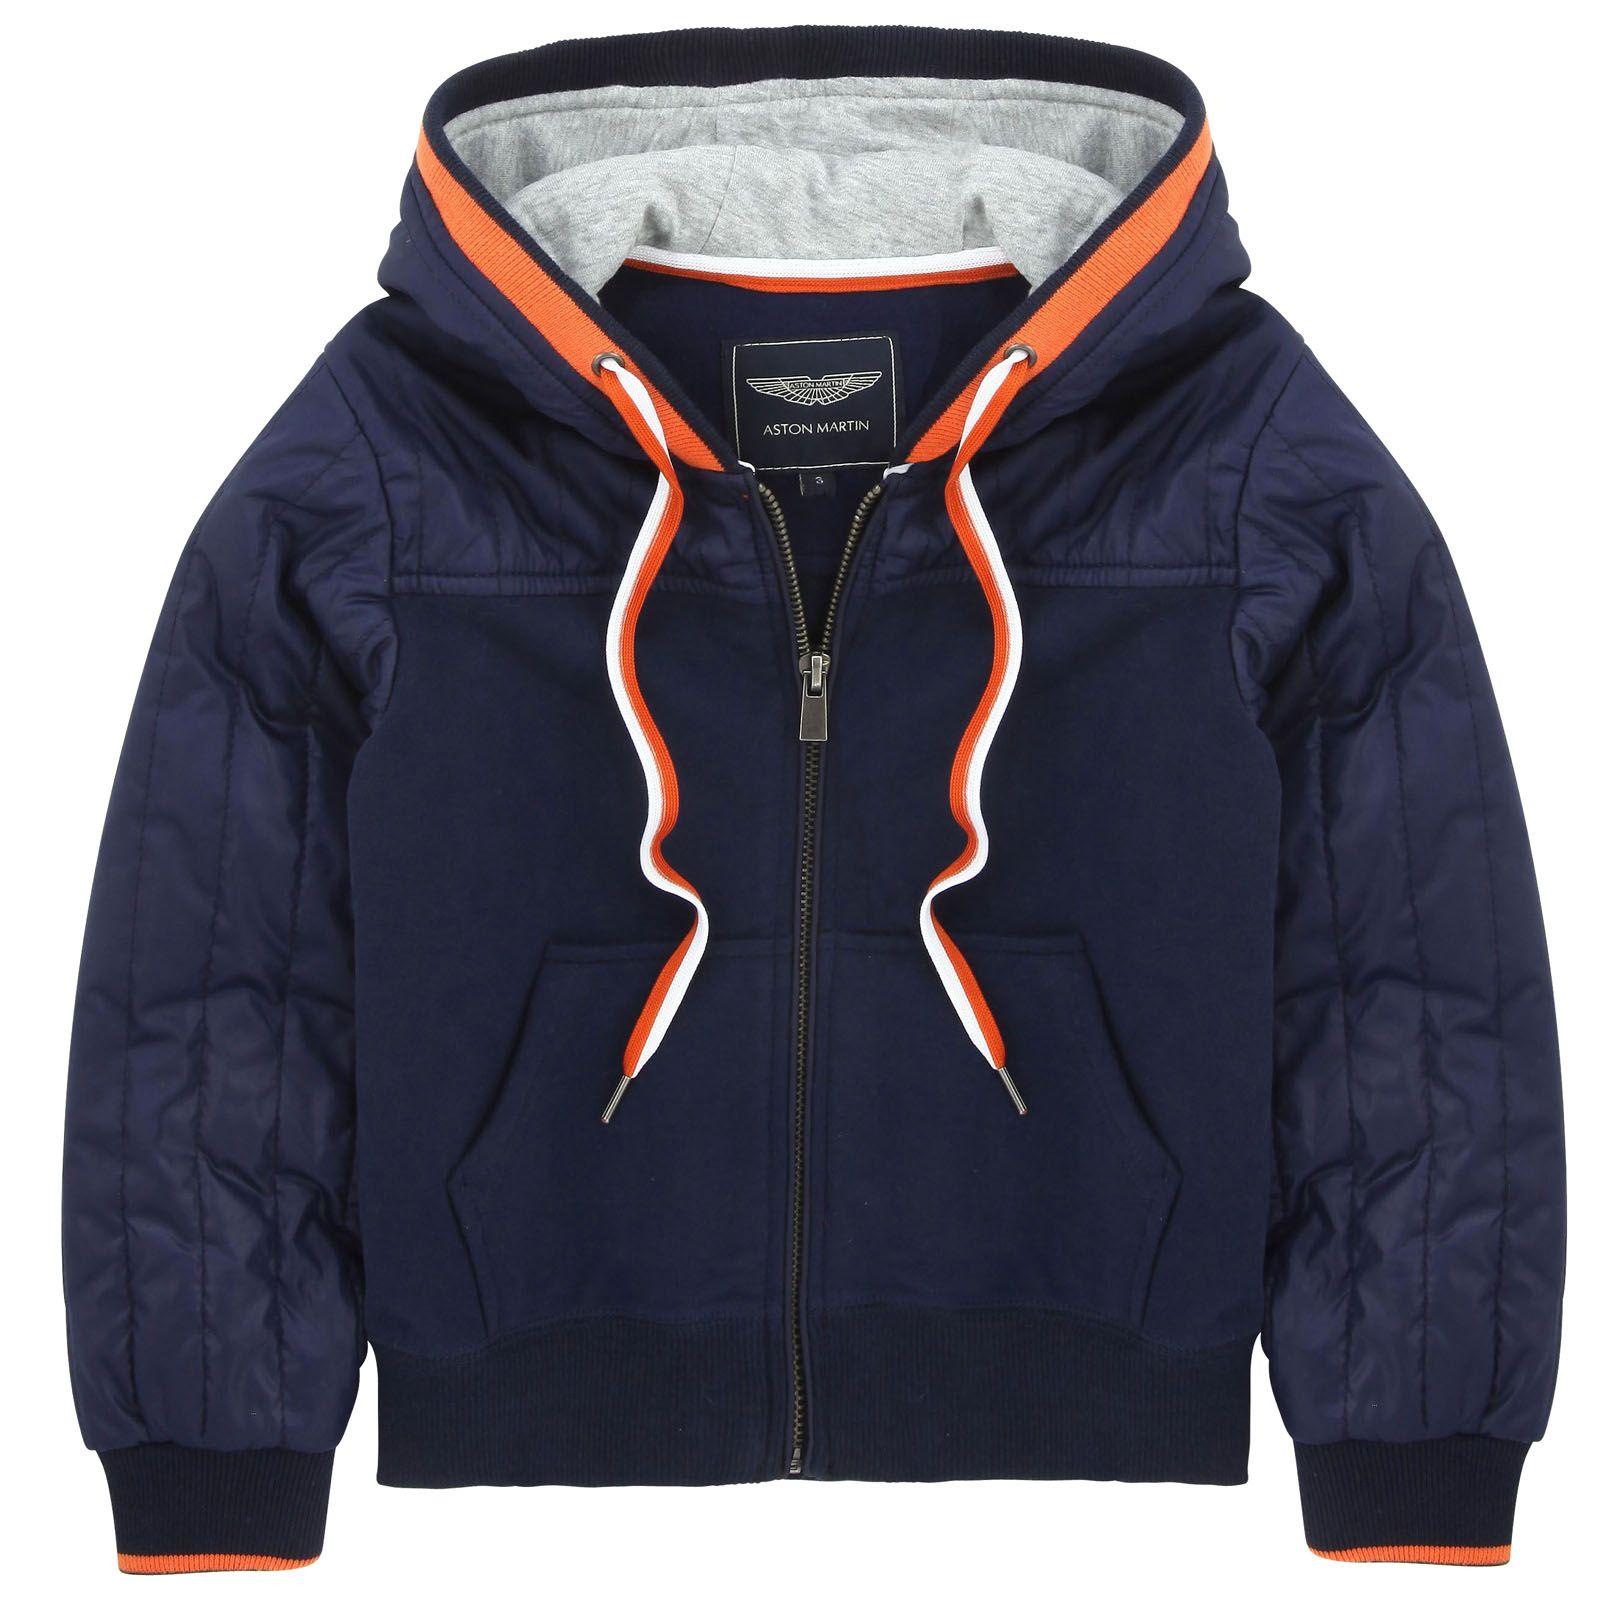 d3f455e72a357 Sweat zippé à capuche en molleton bleu marine Aston Martin pour ...